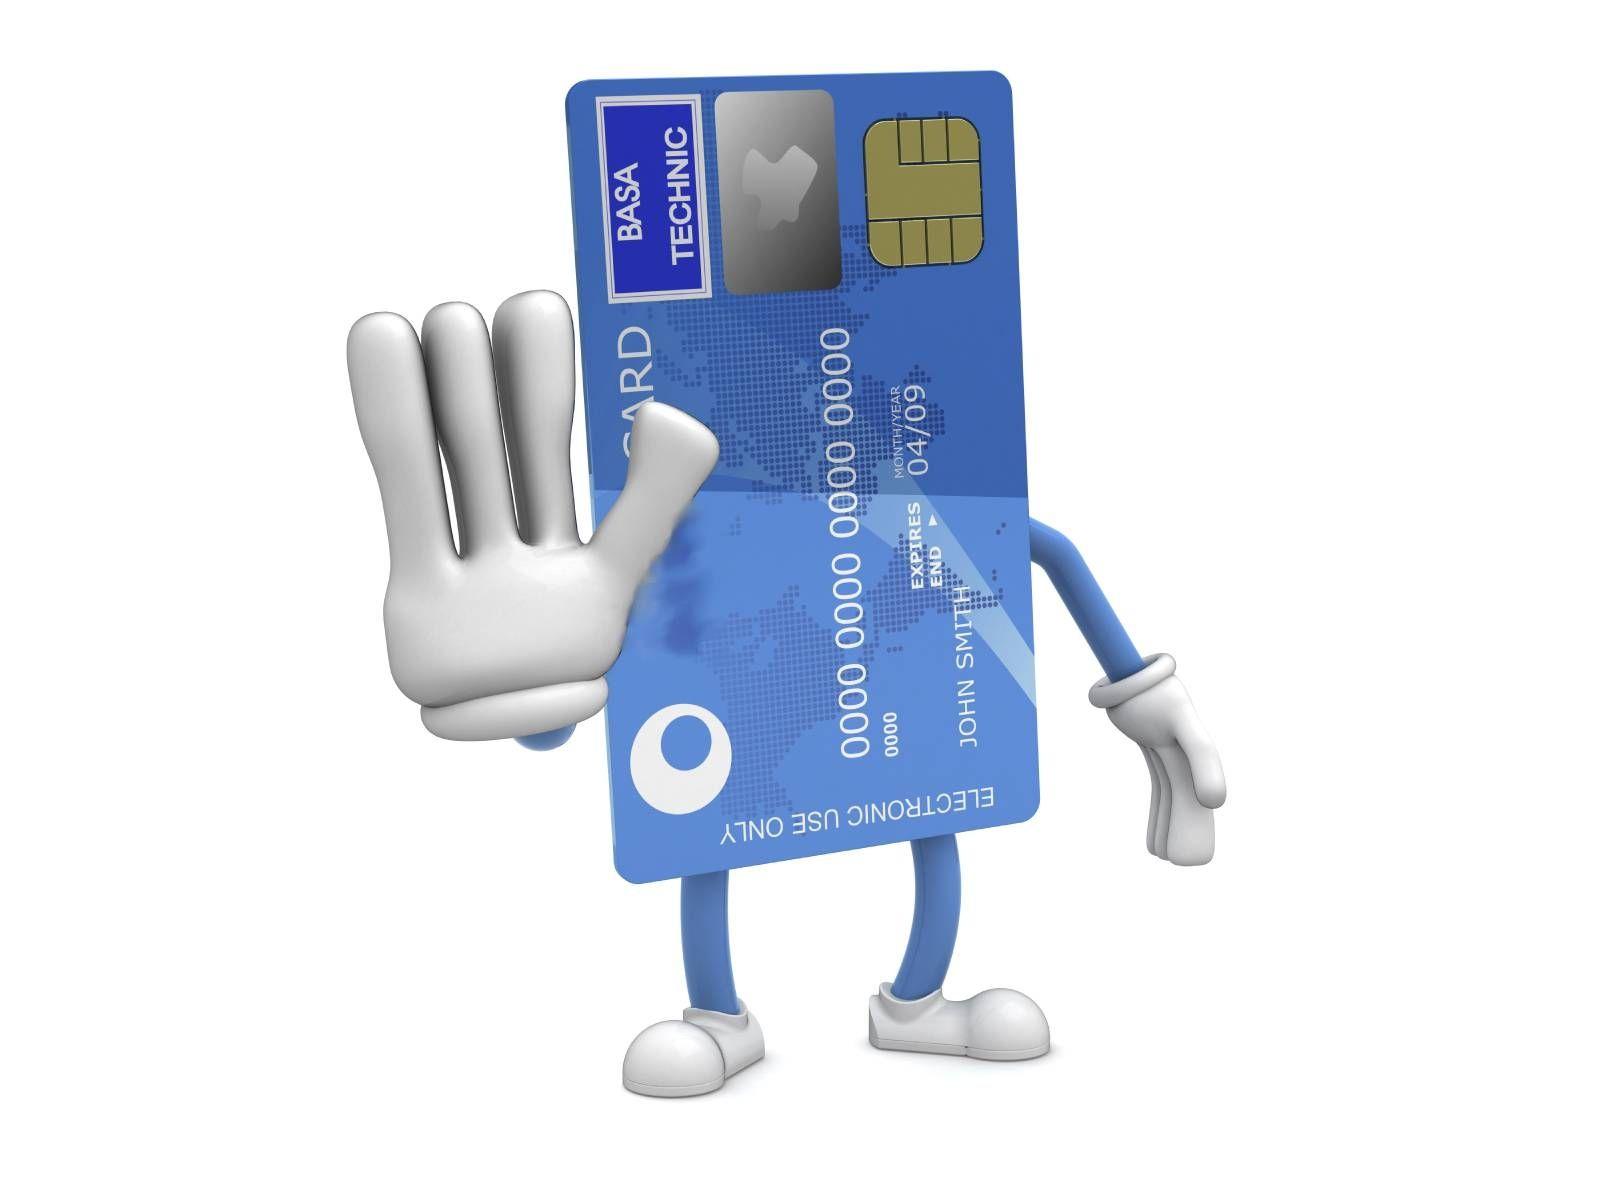 Kwik cash finance loan photo 2